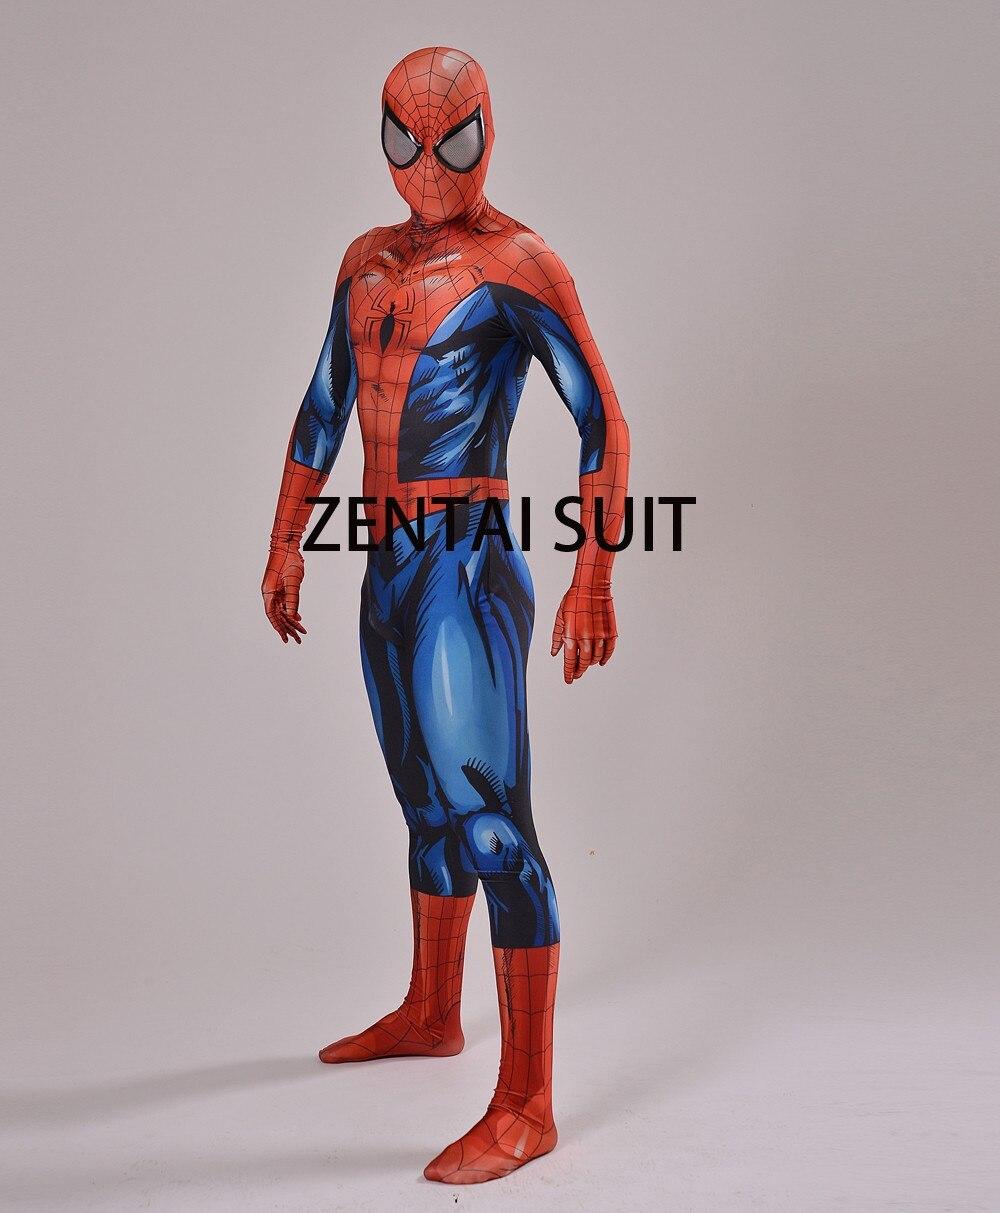 2016 Nuevo Último Traje de Spiderman Spandex Sombra 3D Traje de - Disfraces - foto 4